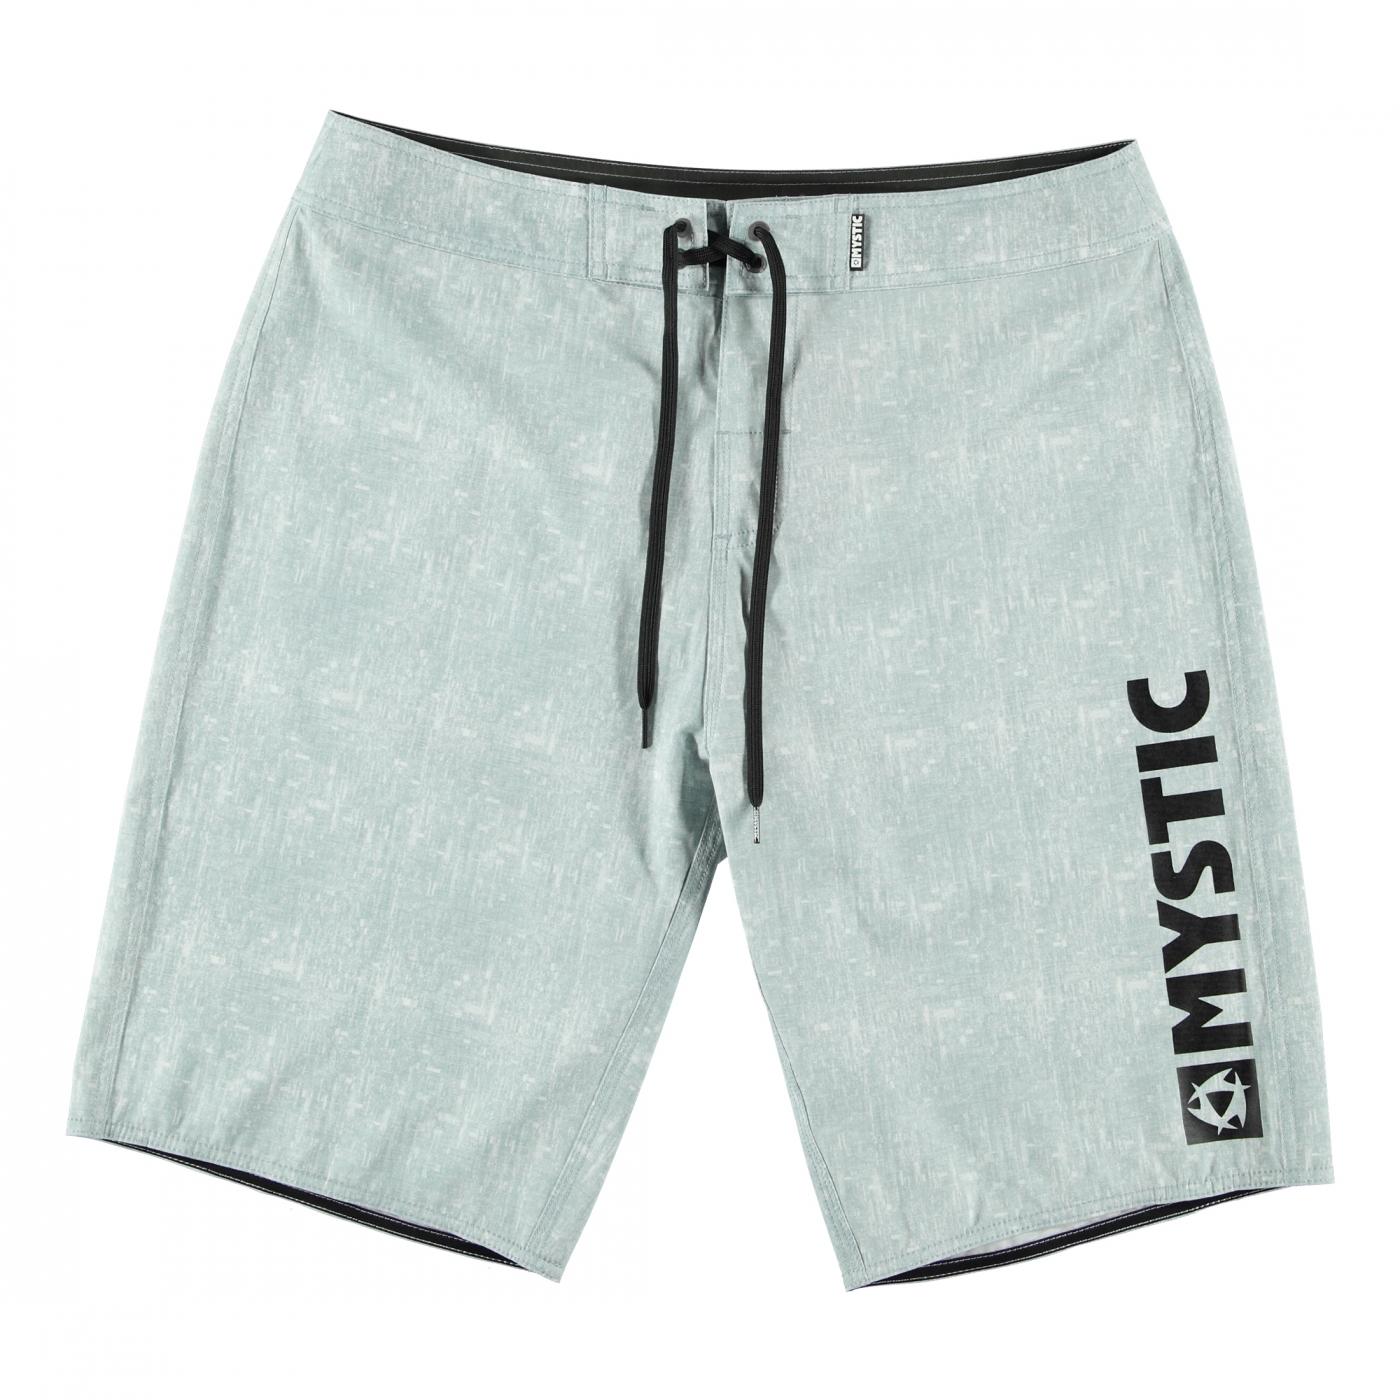 2017 Mystic shortsit Brand STRETCH Barely Mint